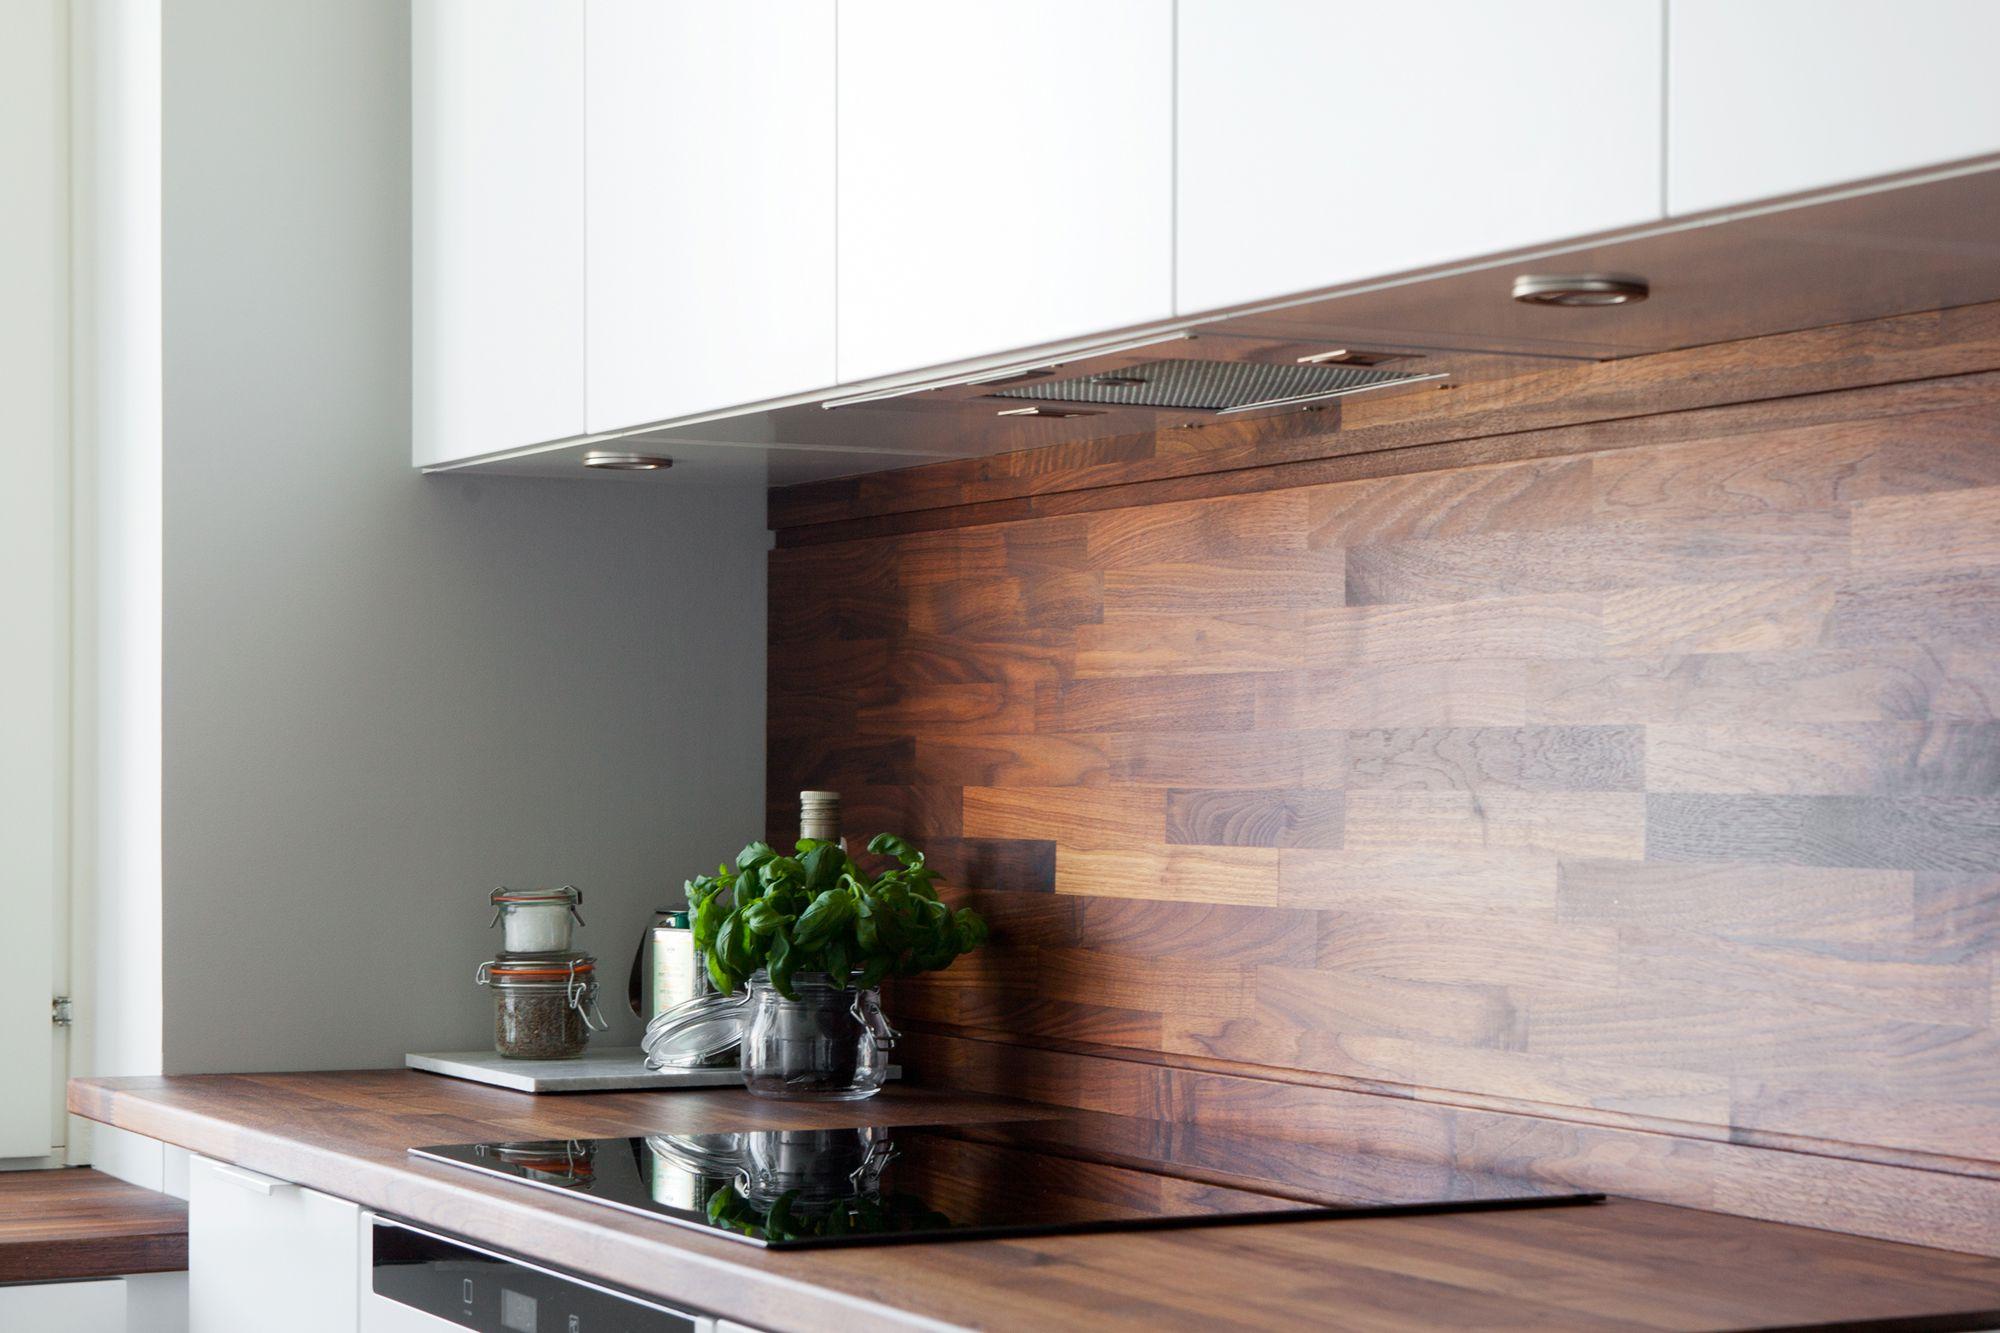 Cocina blanca con revestimiento de madera oscura blog - Encimera de madera para cocina ...